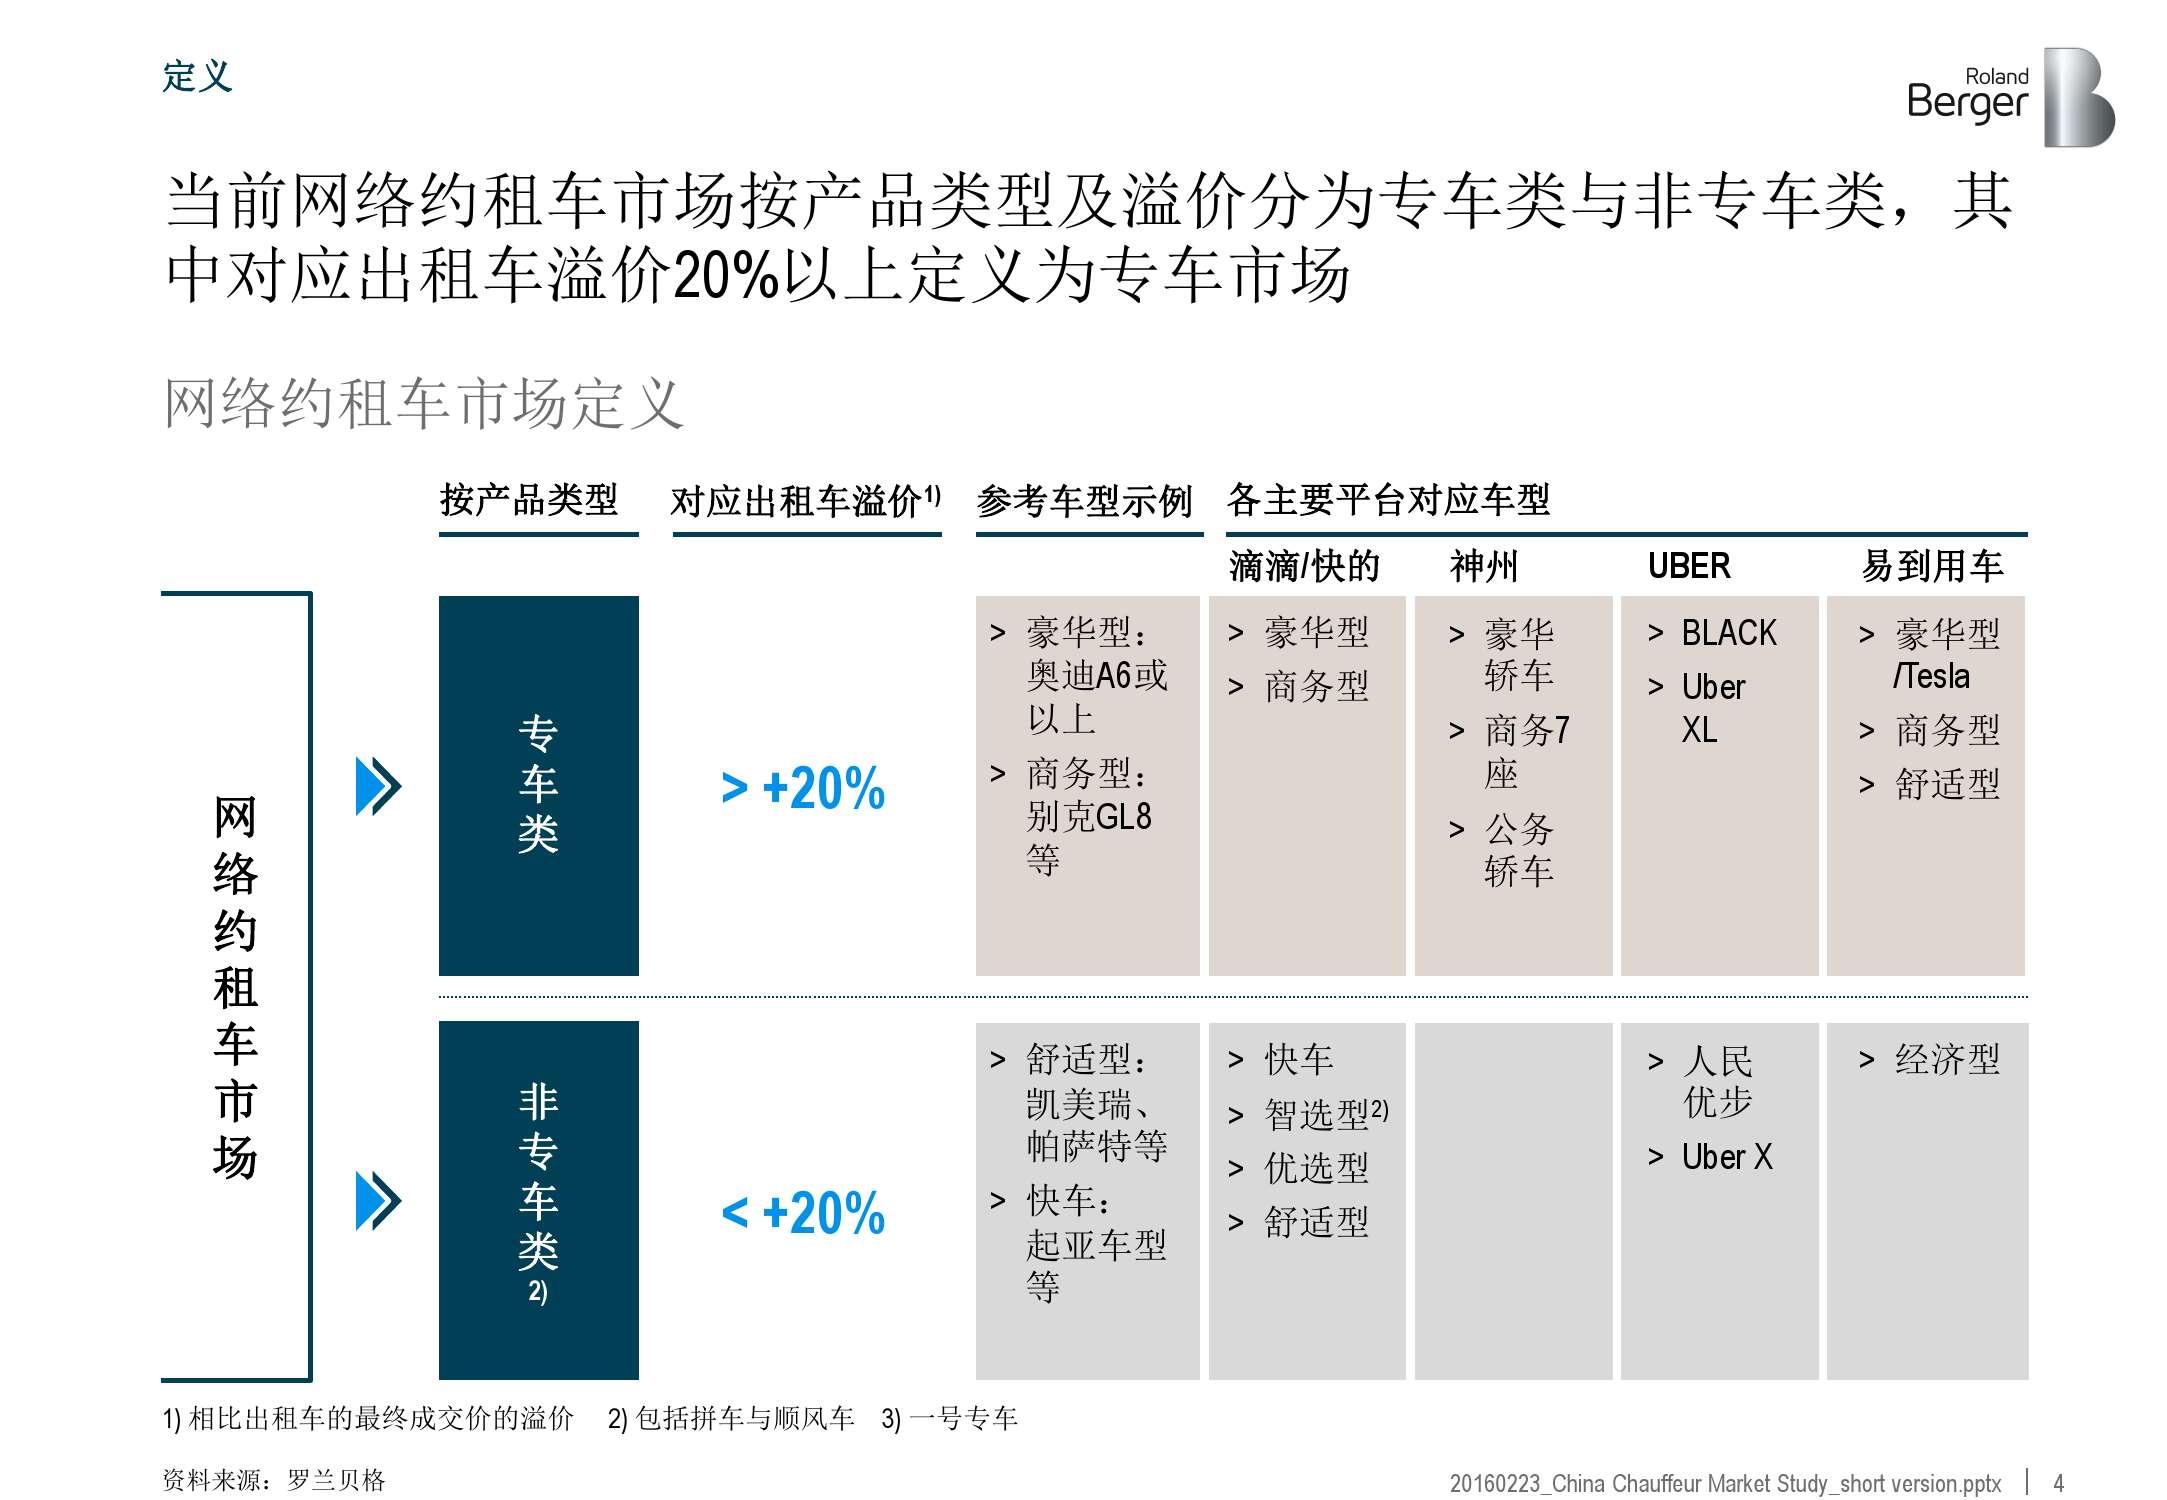 2016年中国专车市场分析报告_000004